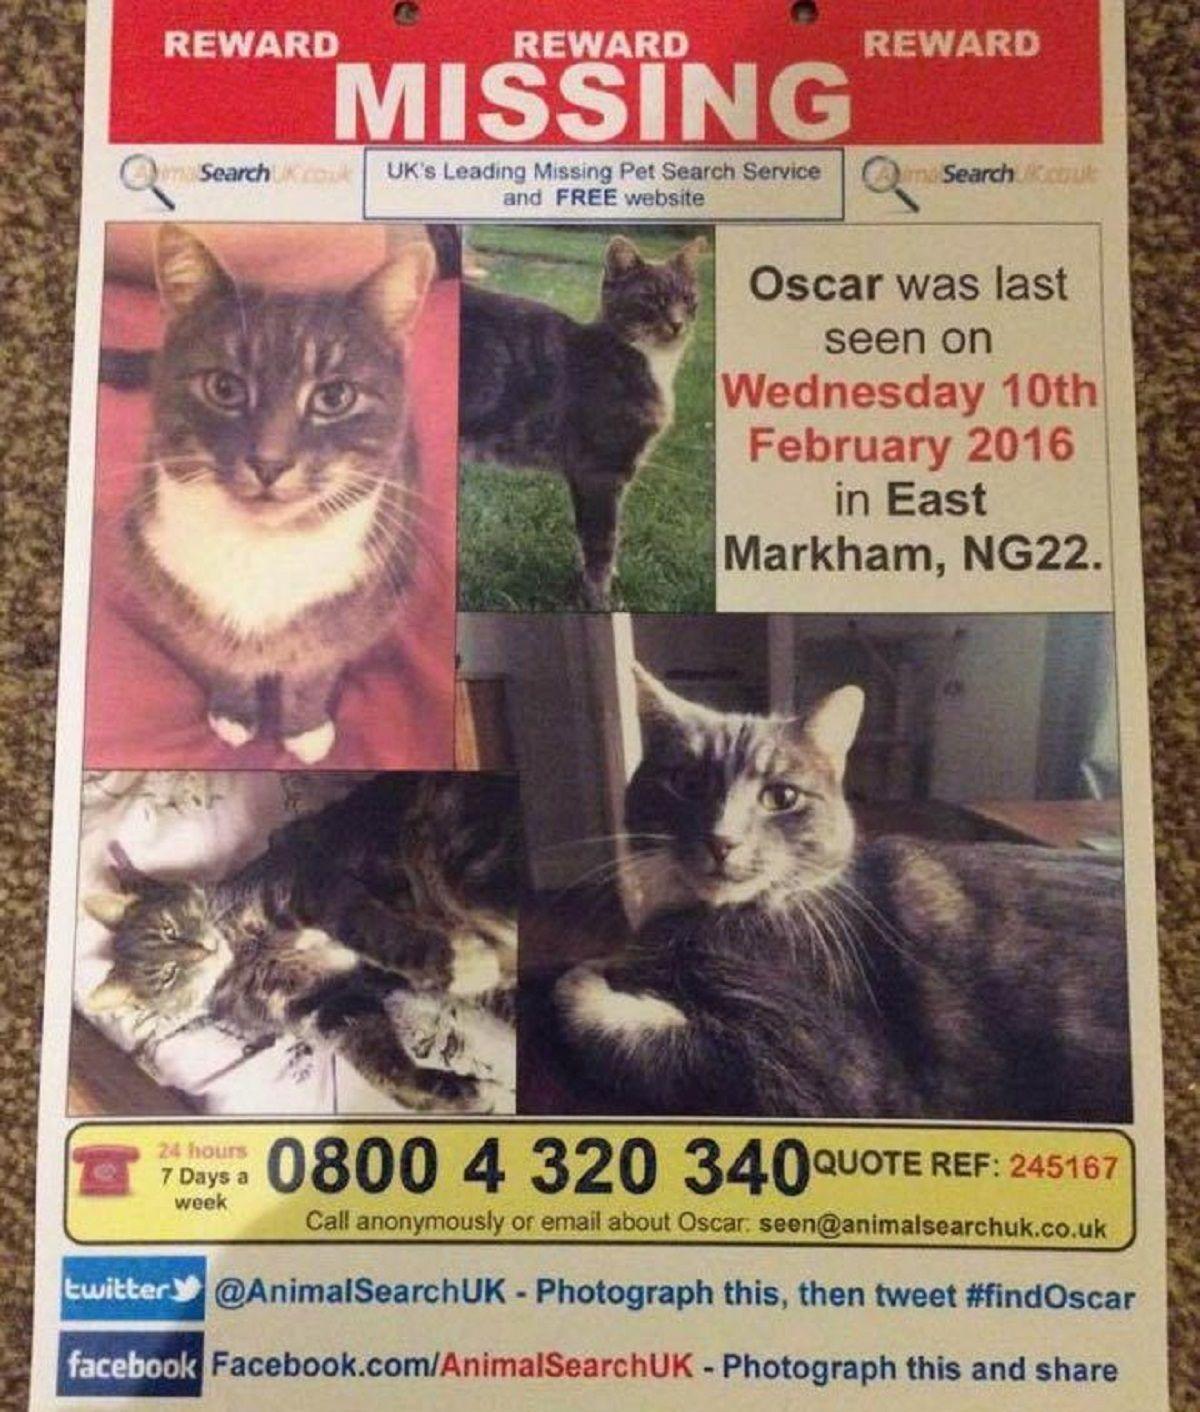 Inglaterra: buscan a un hombre que habría matado a 400 gatos